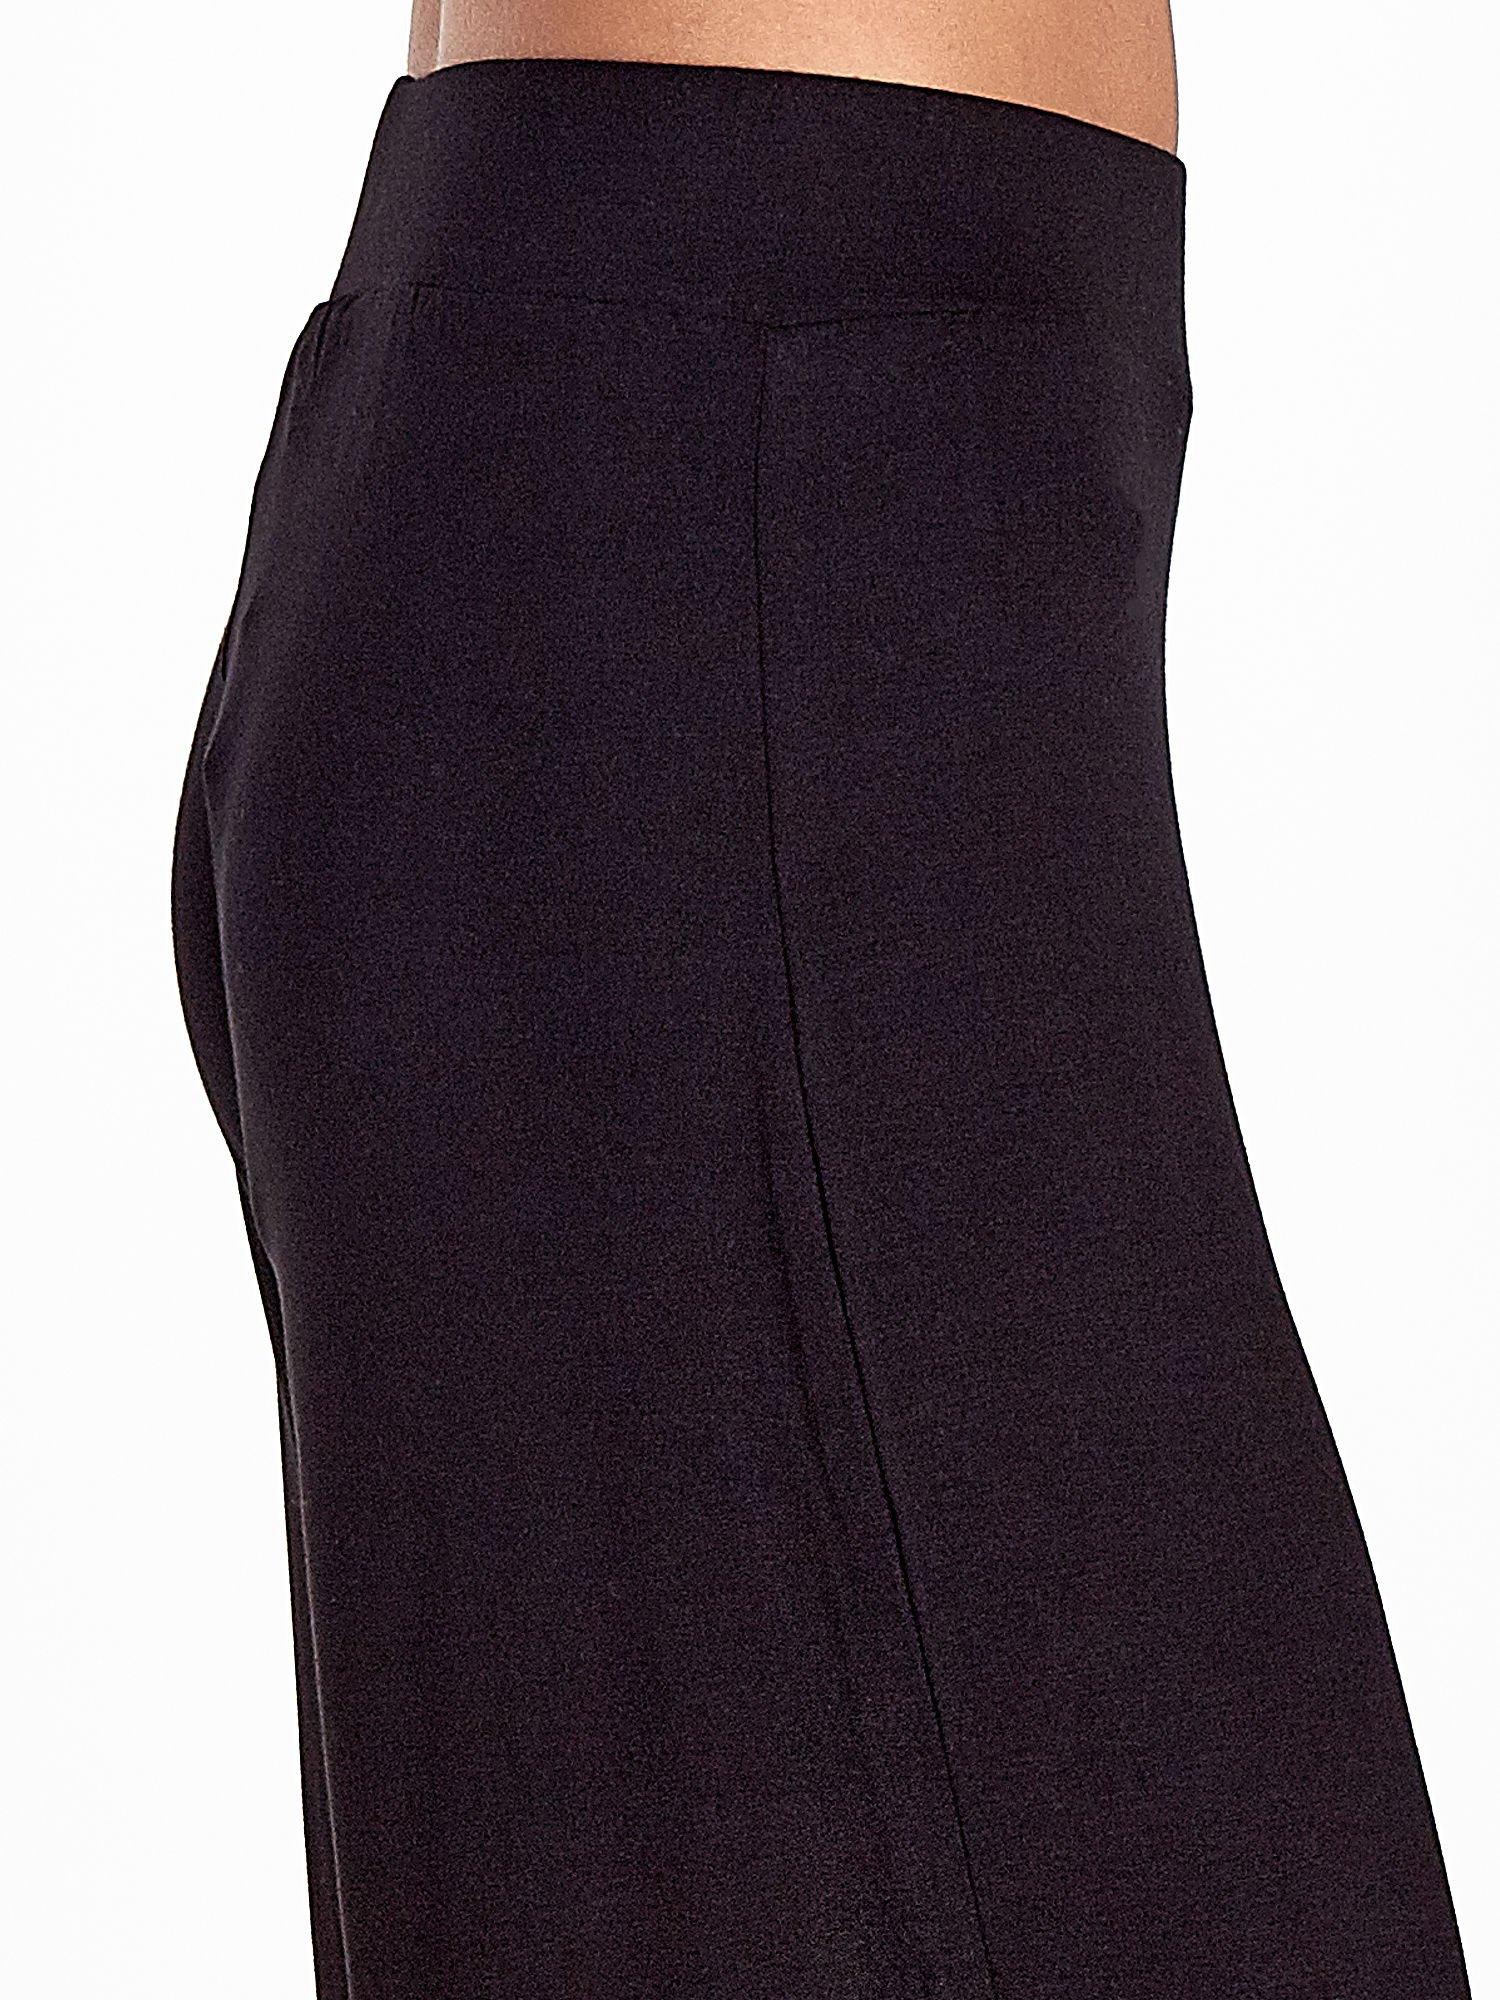 Czarne spódnicospodnie typu culottes                                  zdj.                                  7